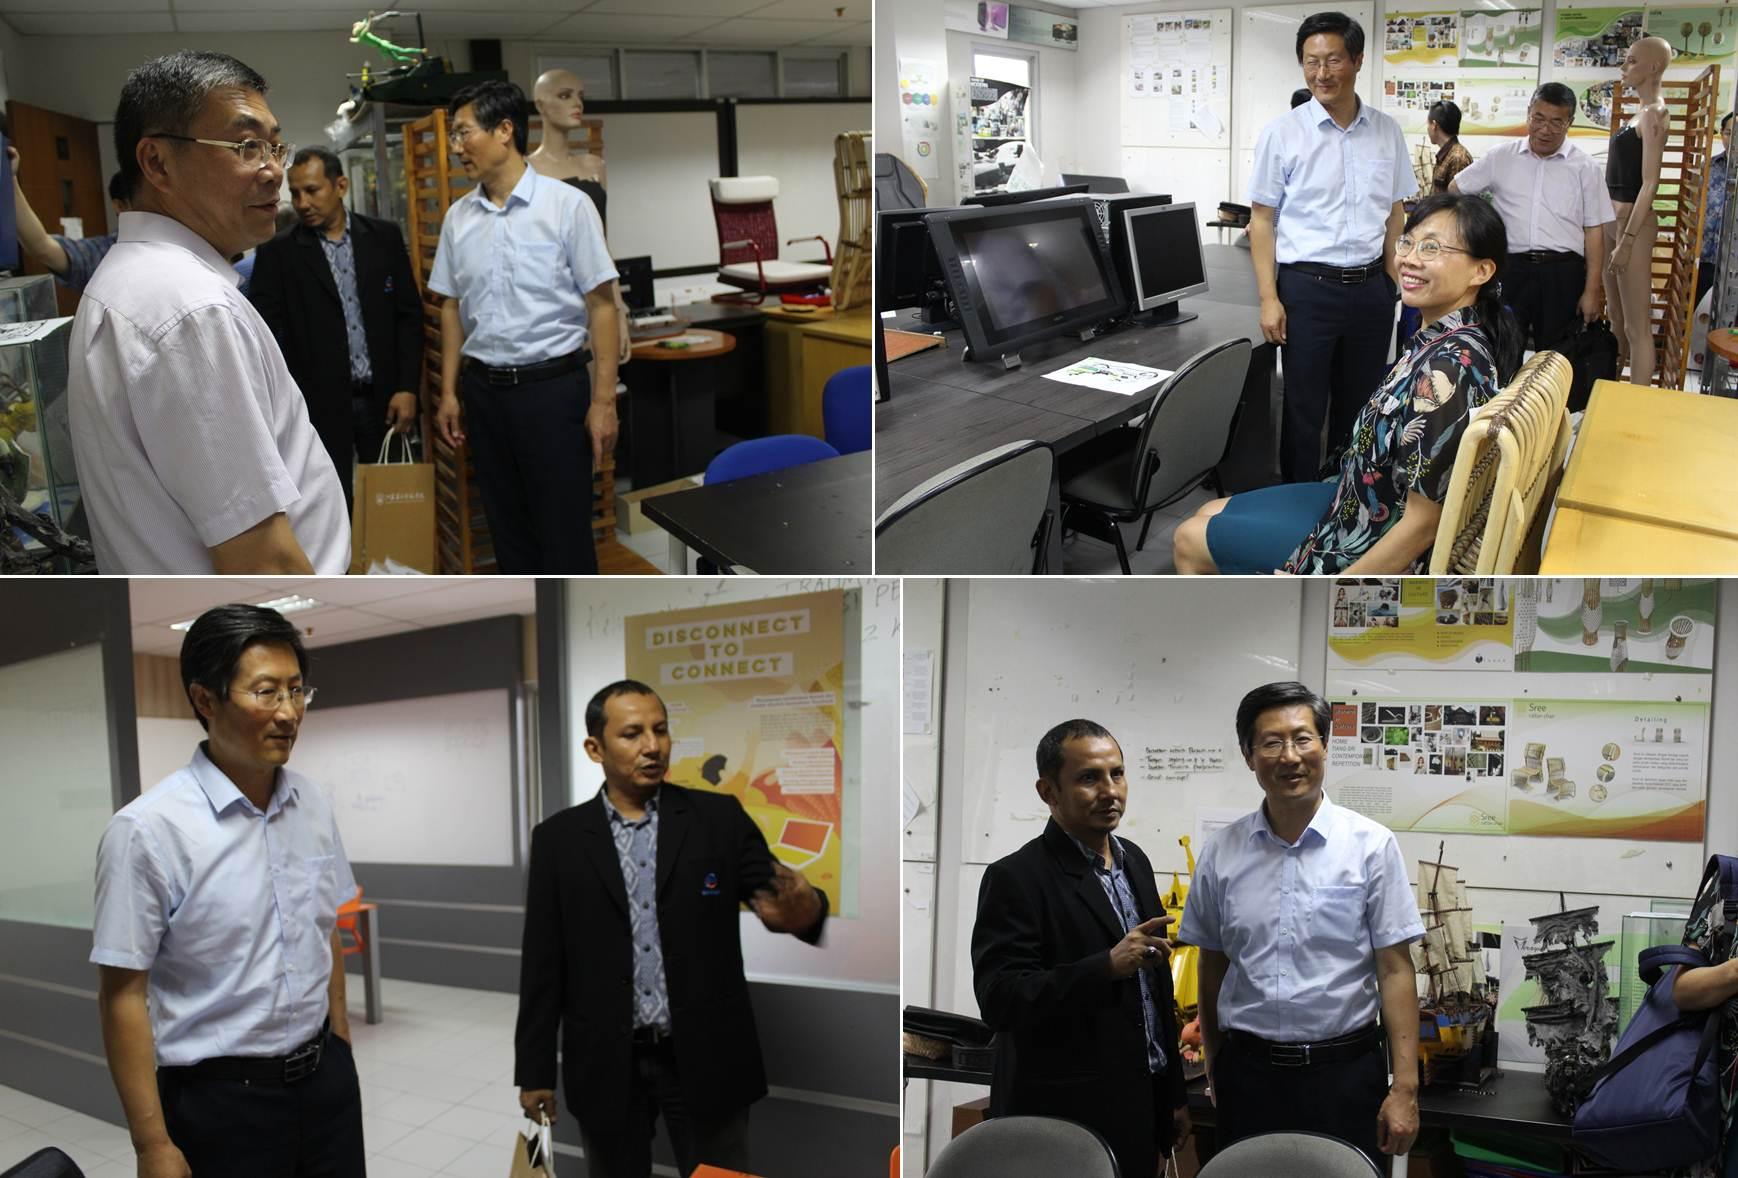 Kunjungan Delegasi JSNU ke Fakultas Desain dan Industri UEU